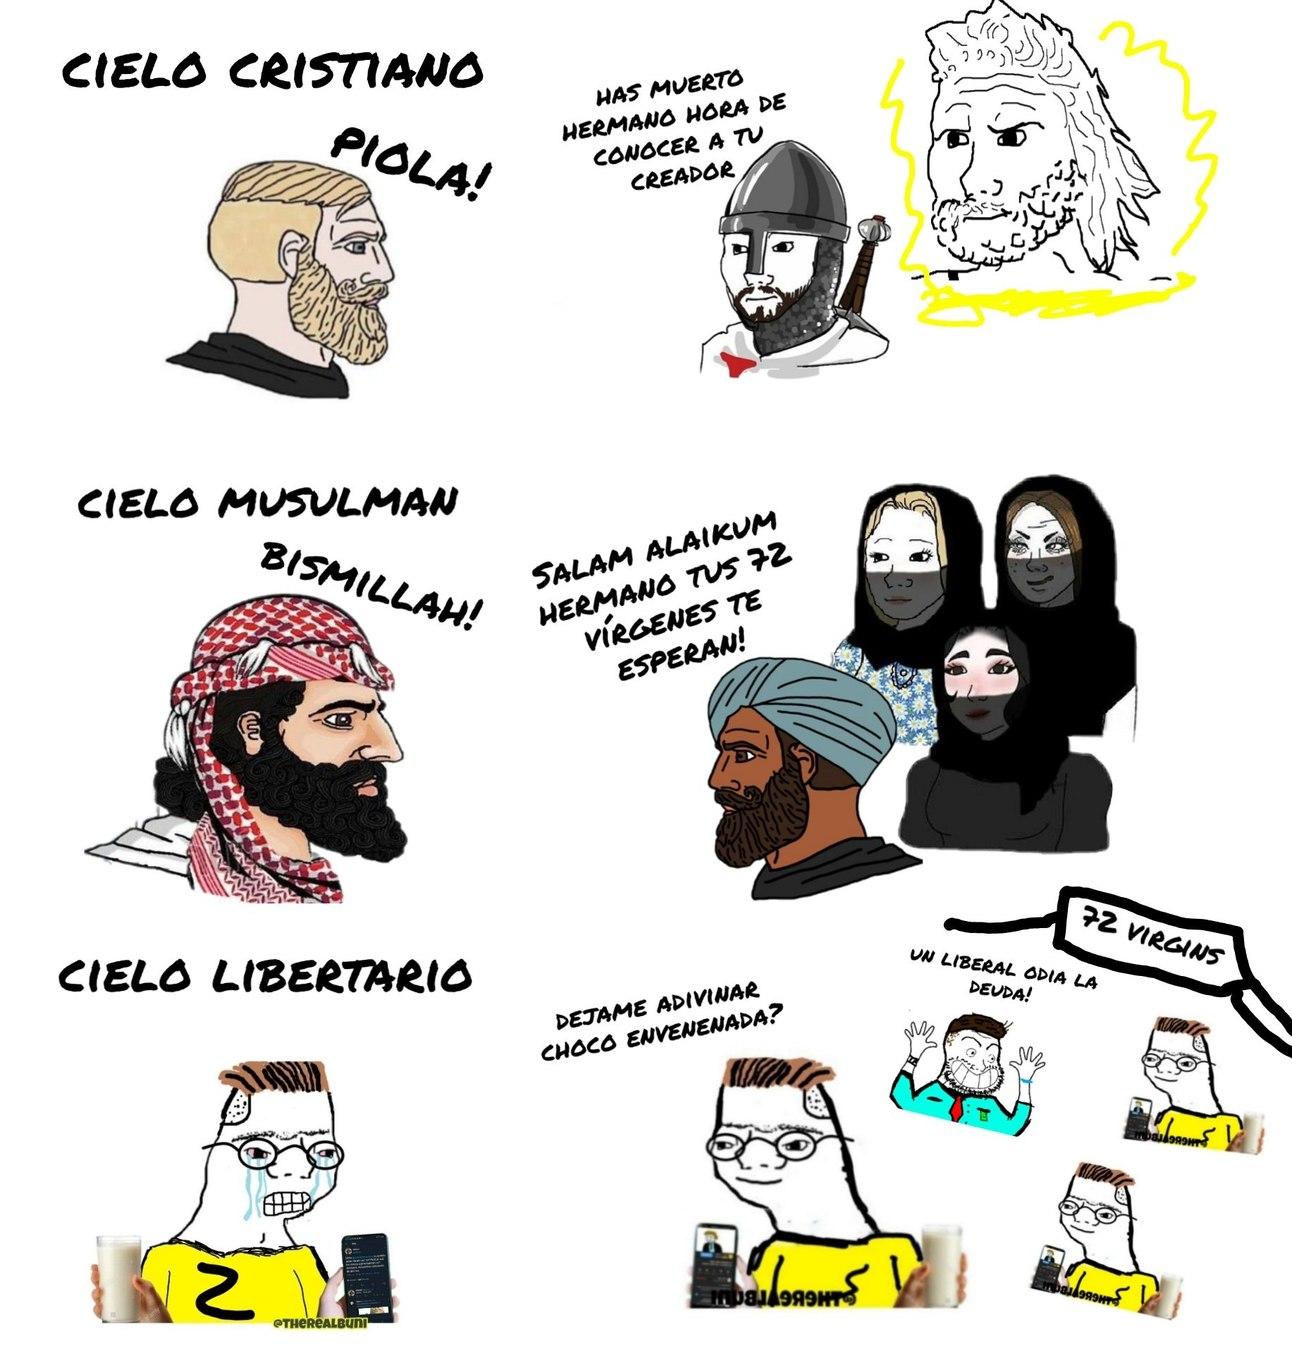 Libertarios - meme